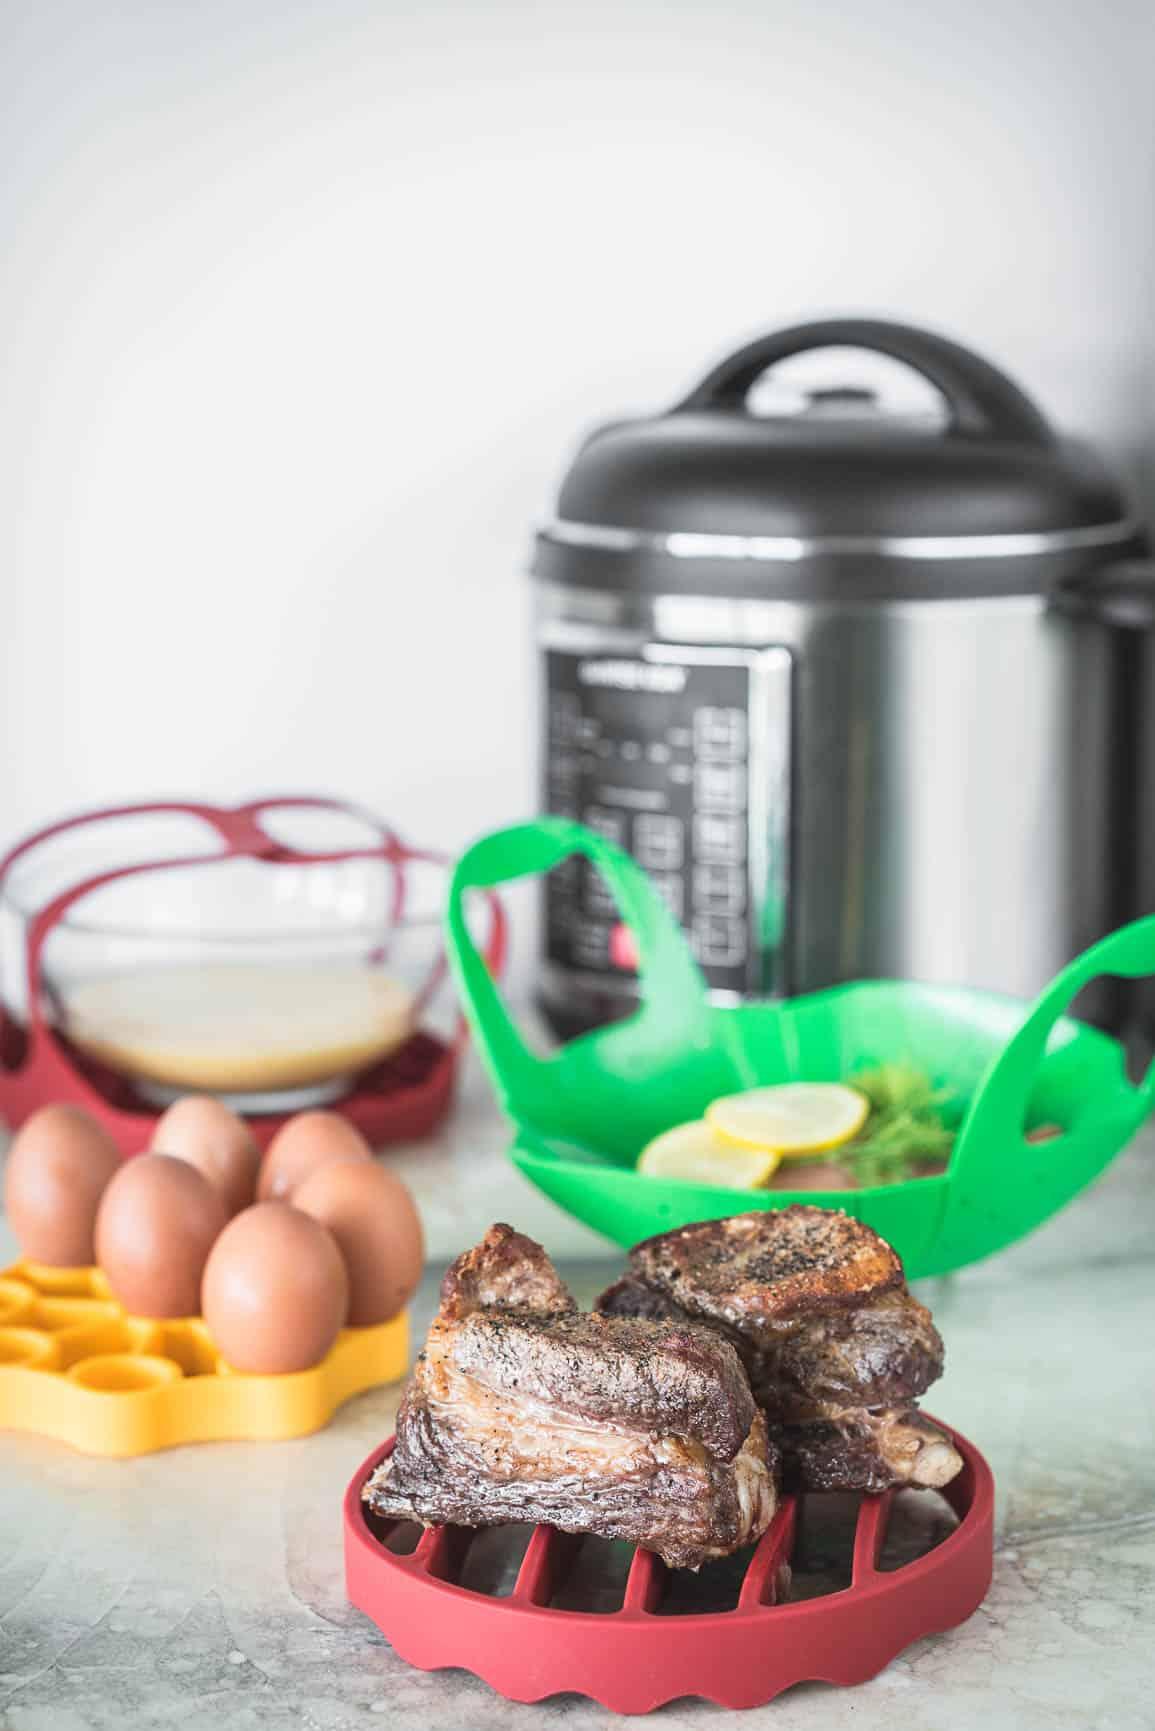 OXO Pressure Cooker Silicone Accessories